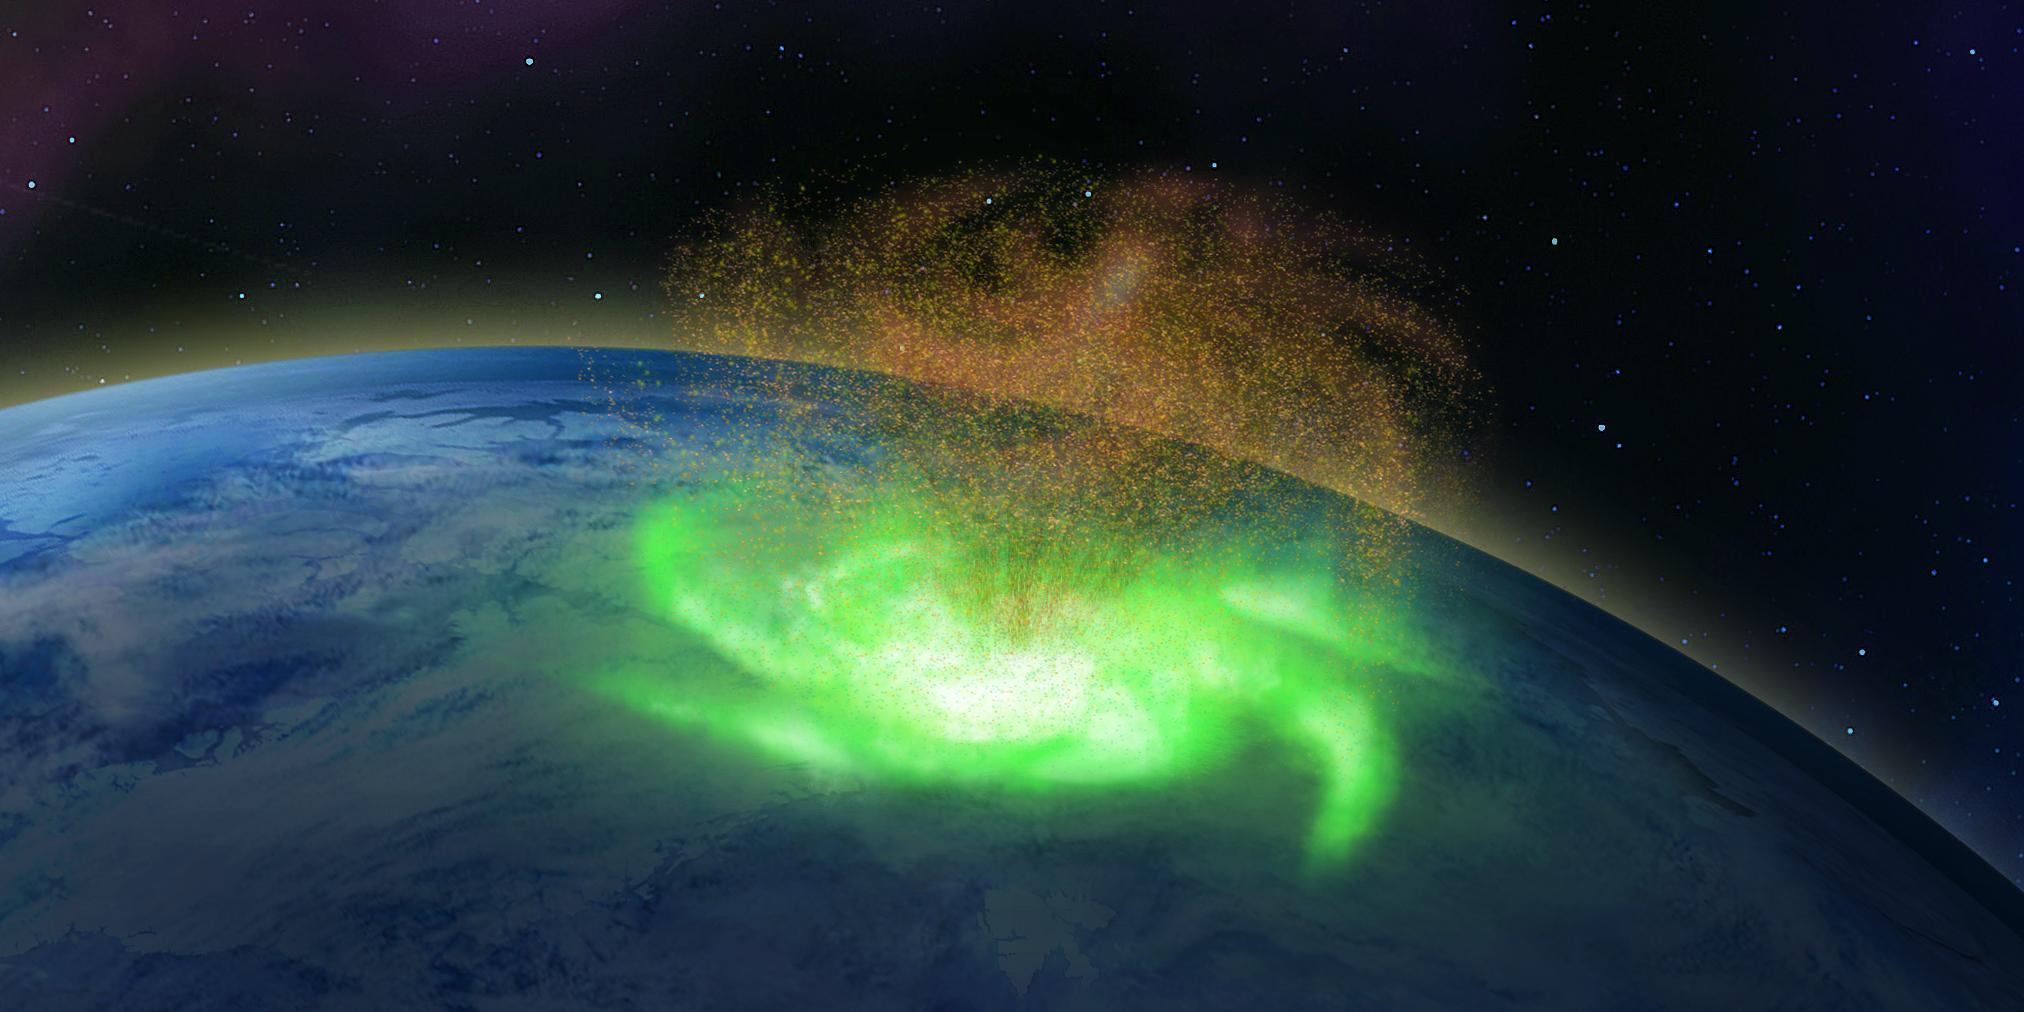 210302-space-hurricane-qing-he-zhang-jm-